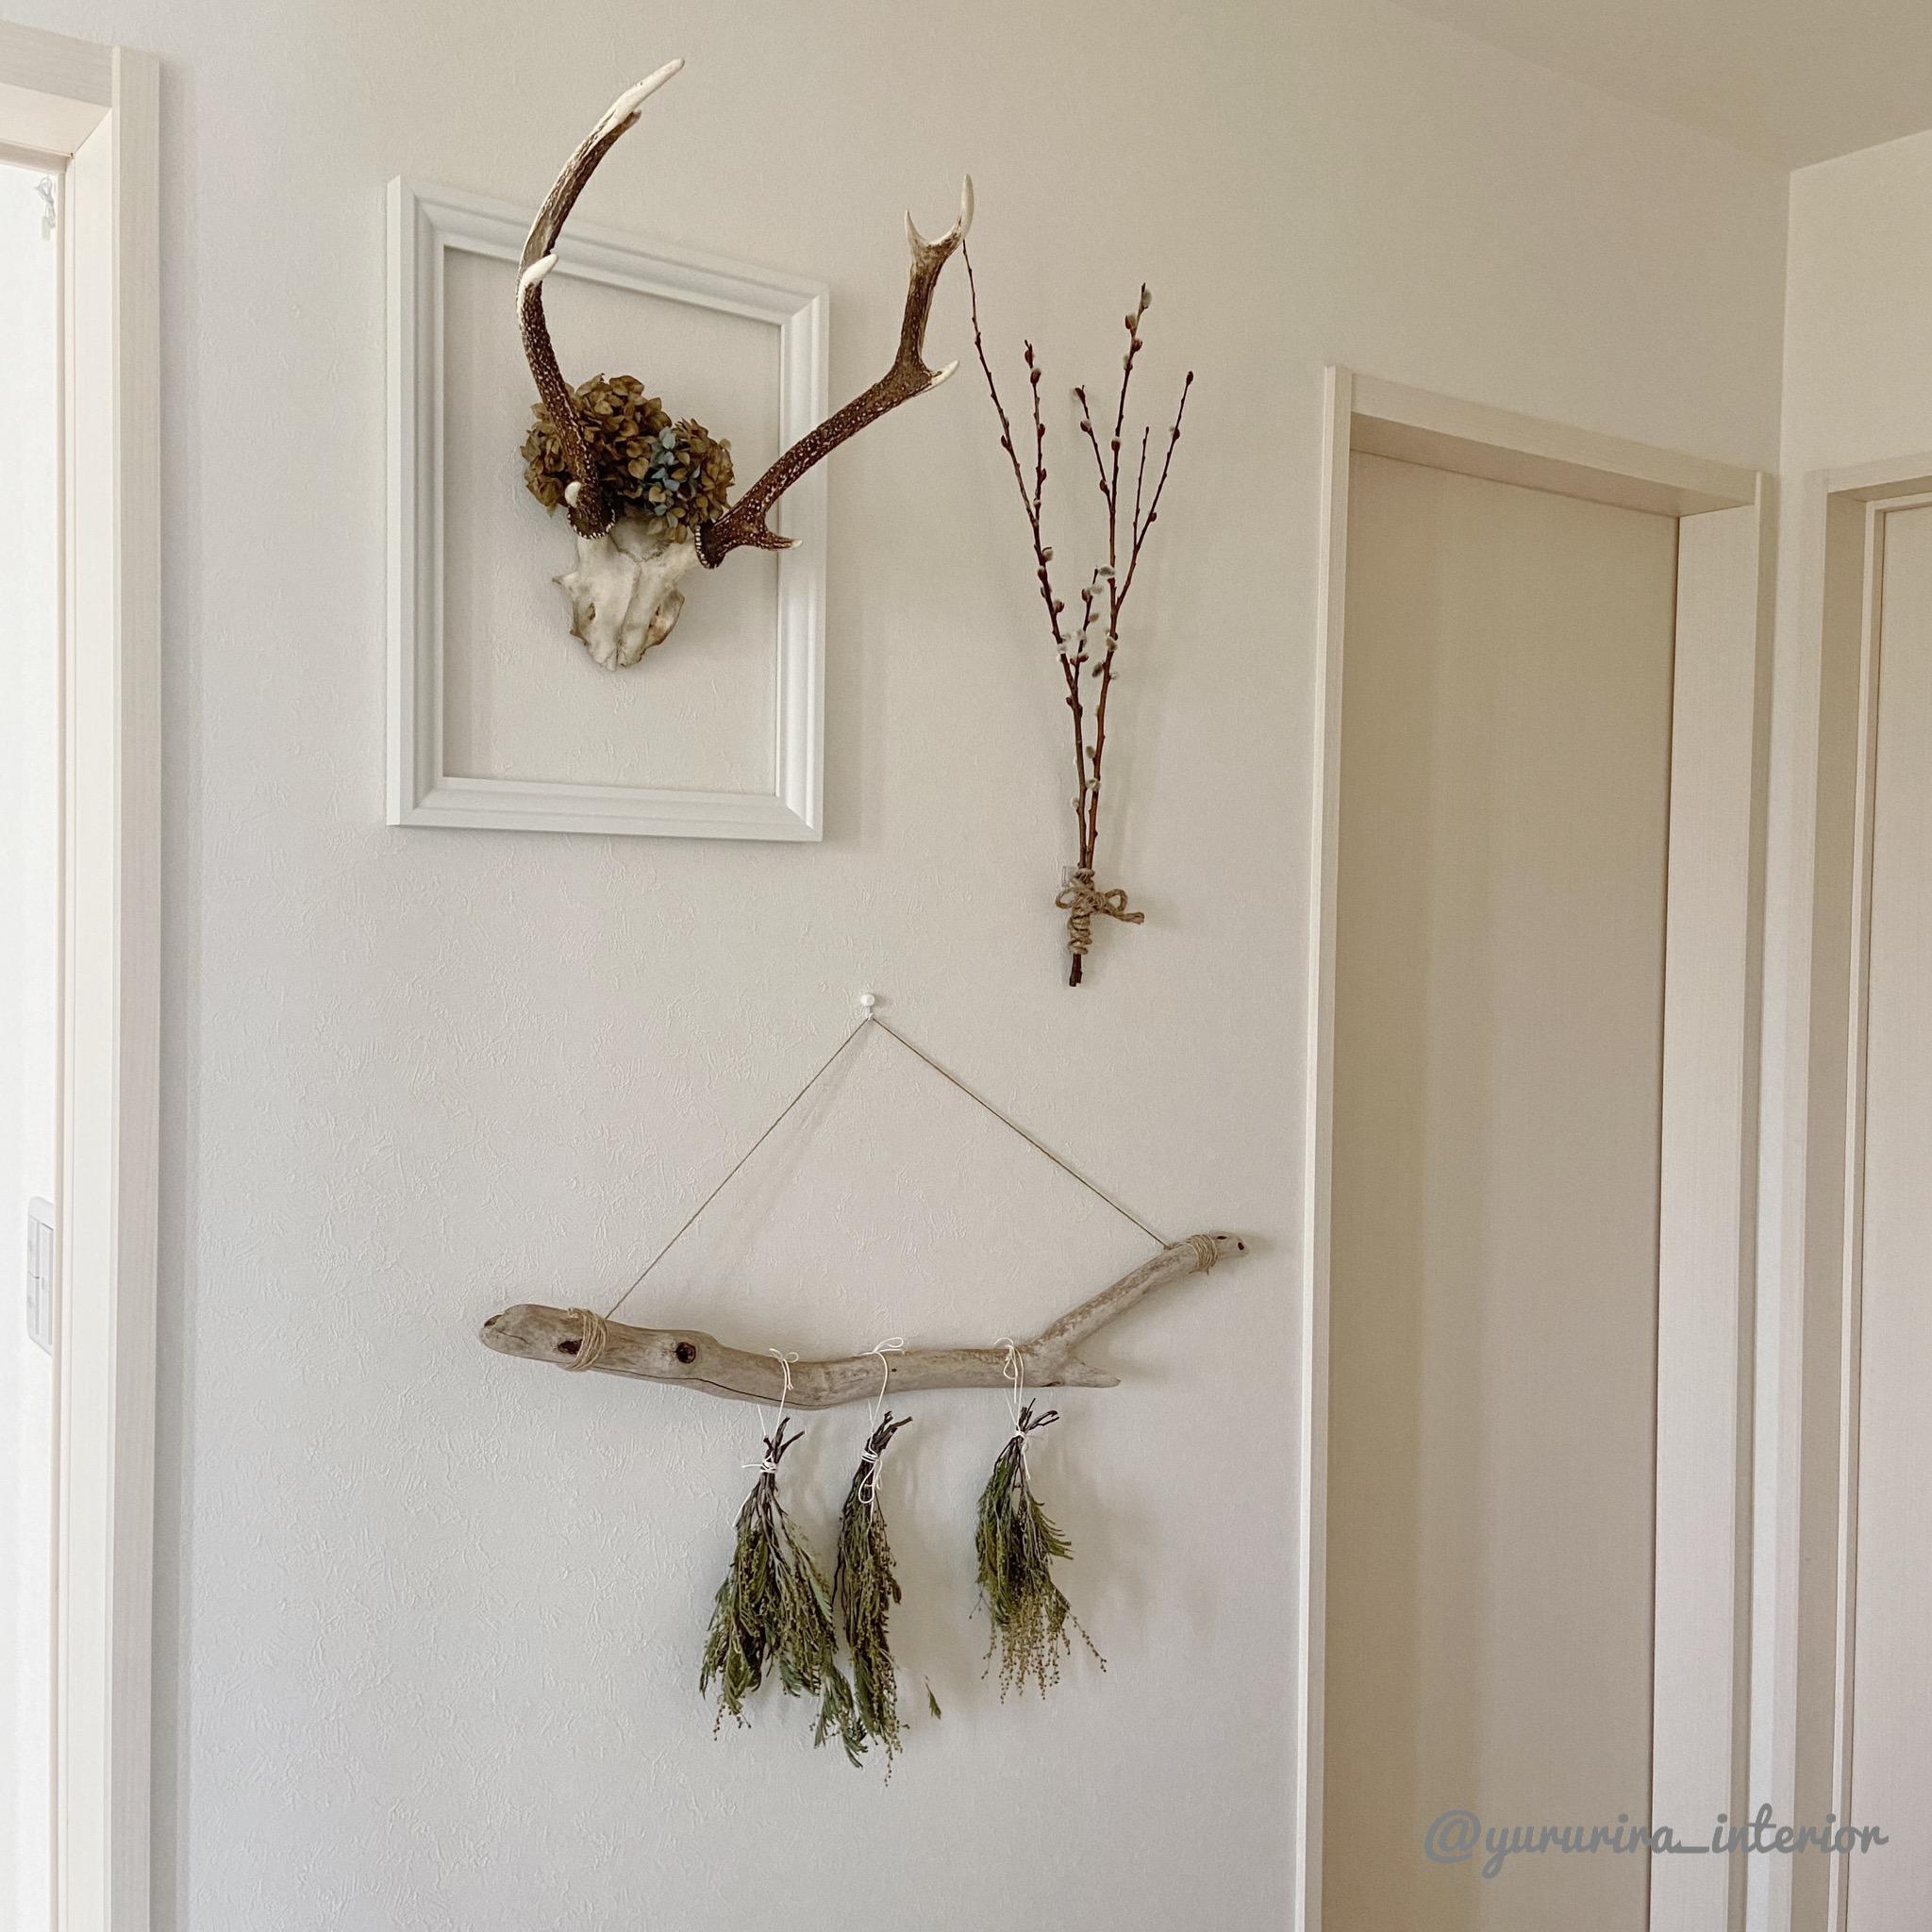 100均のアレとドライフラワーで!植物×壁掛けの新しいスタイル♪